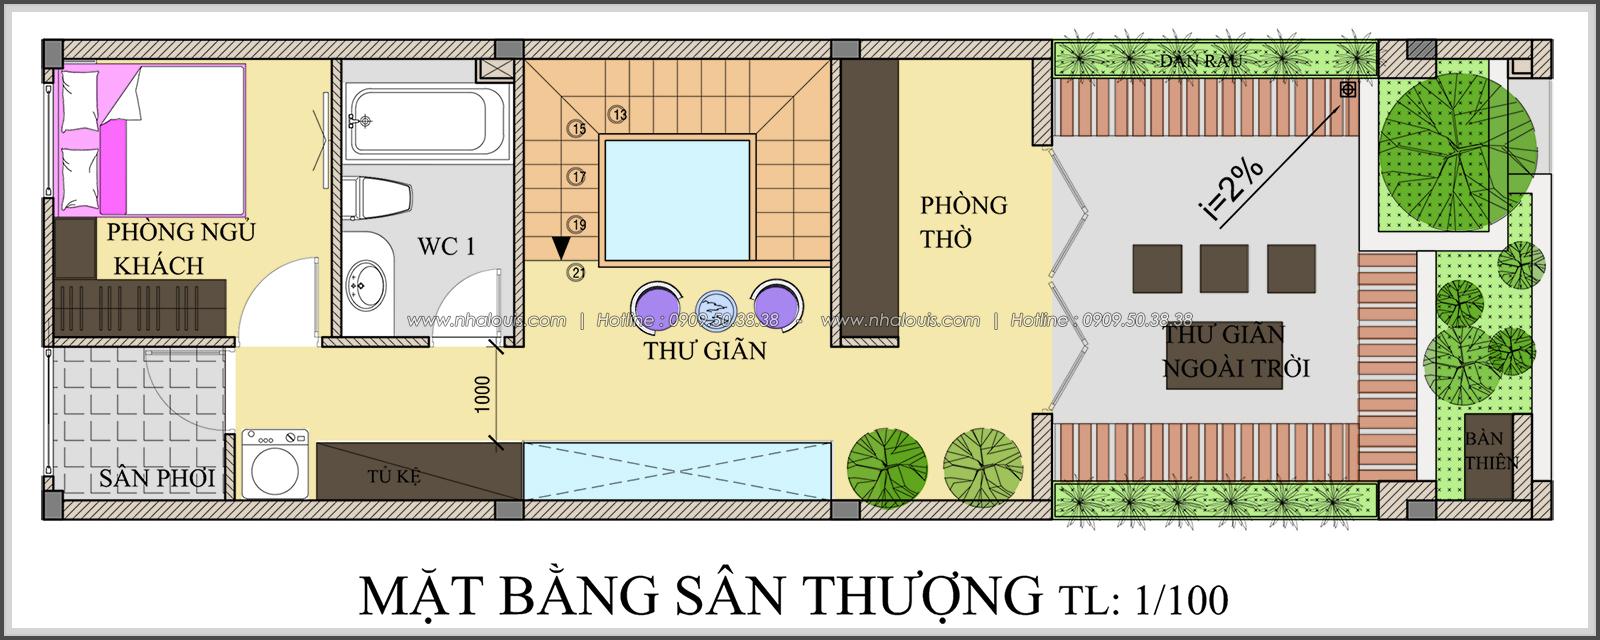 Mặt bằng sân thượng với thiết kế nhà ống mặt tiền 5m của chị Linh quận 6 - 32